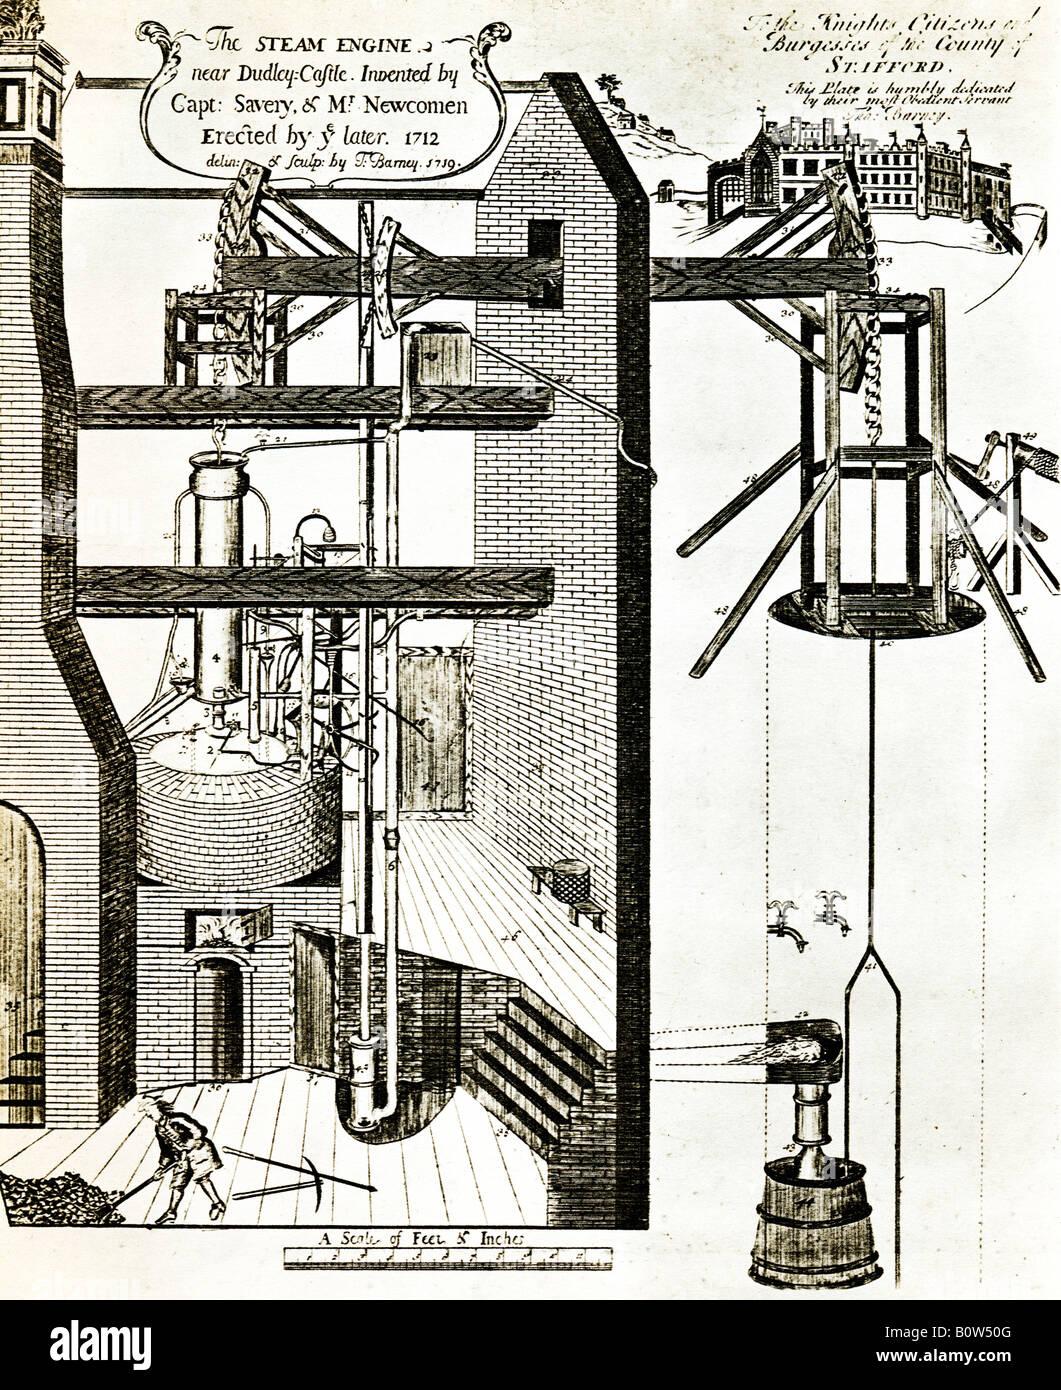 Thomas Newcomen Dampfmaschine 1712 die erste atmosphärische Dampfmaschine in Dudley für das Pumpen von Stockbild